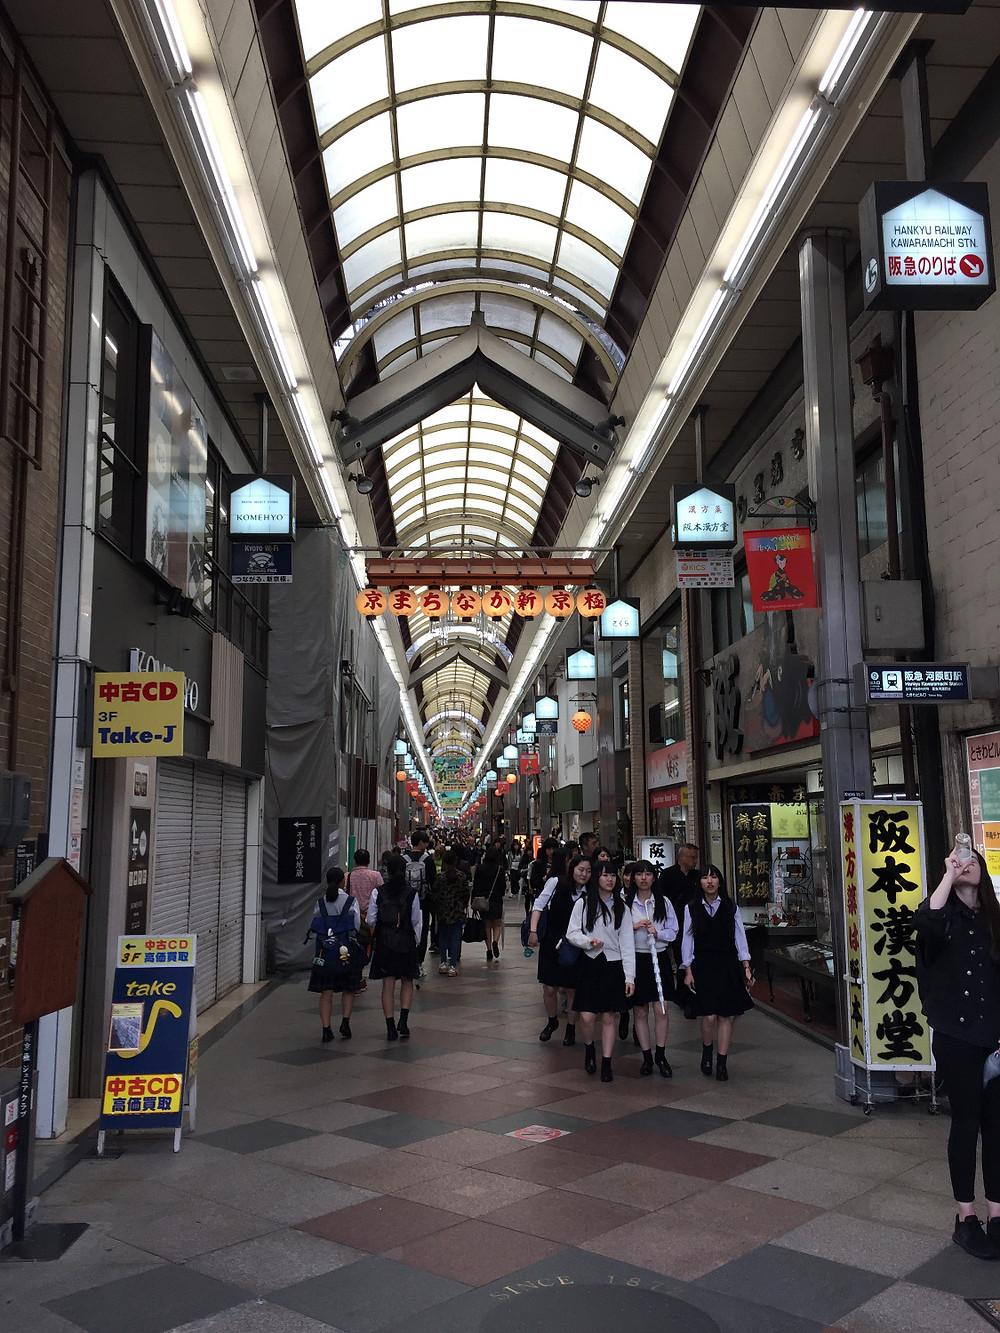 Shin-Kyogoku shopping arcade